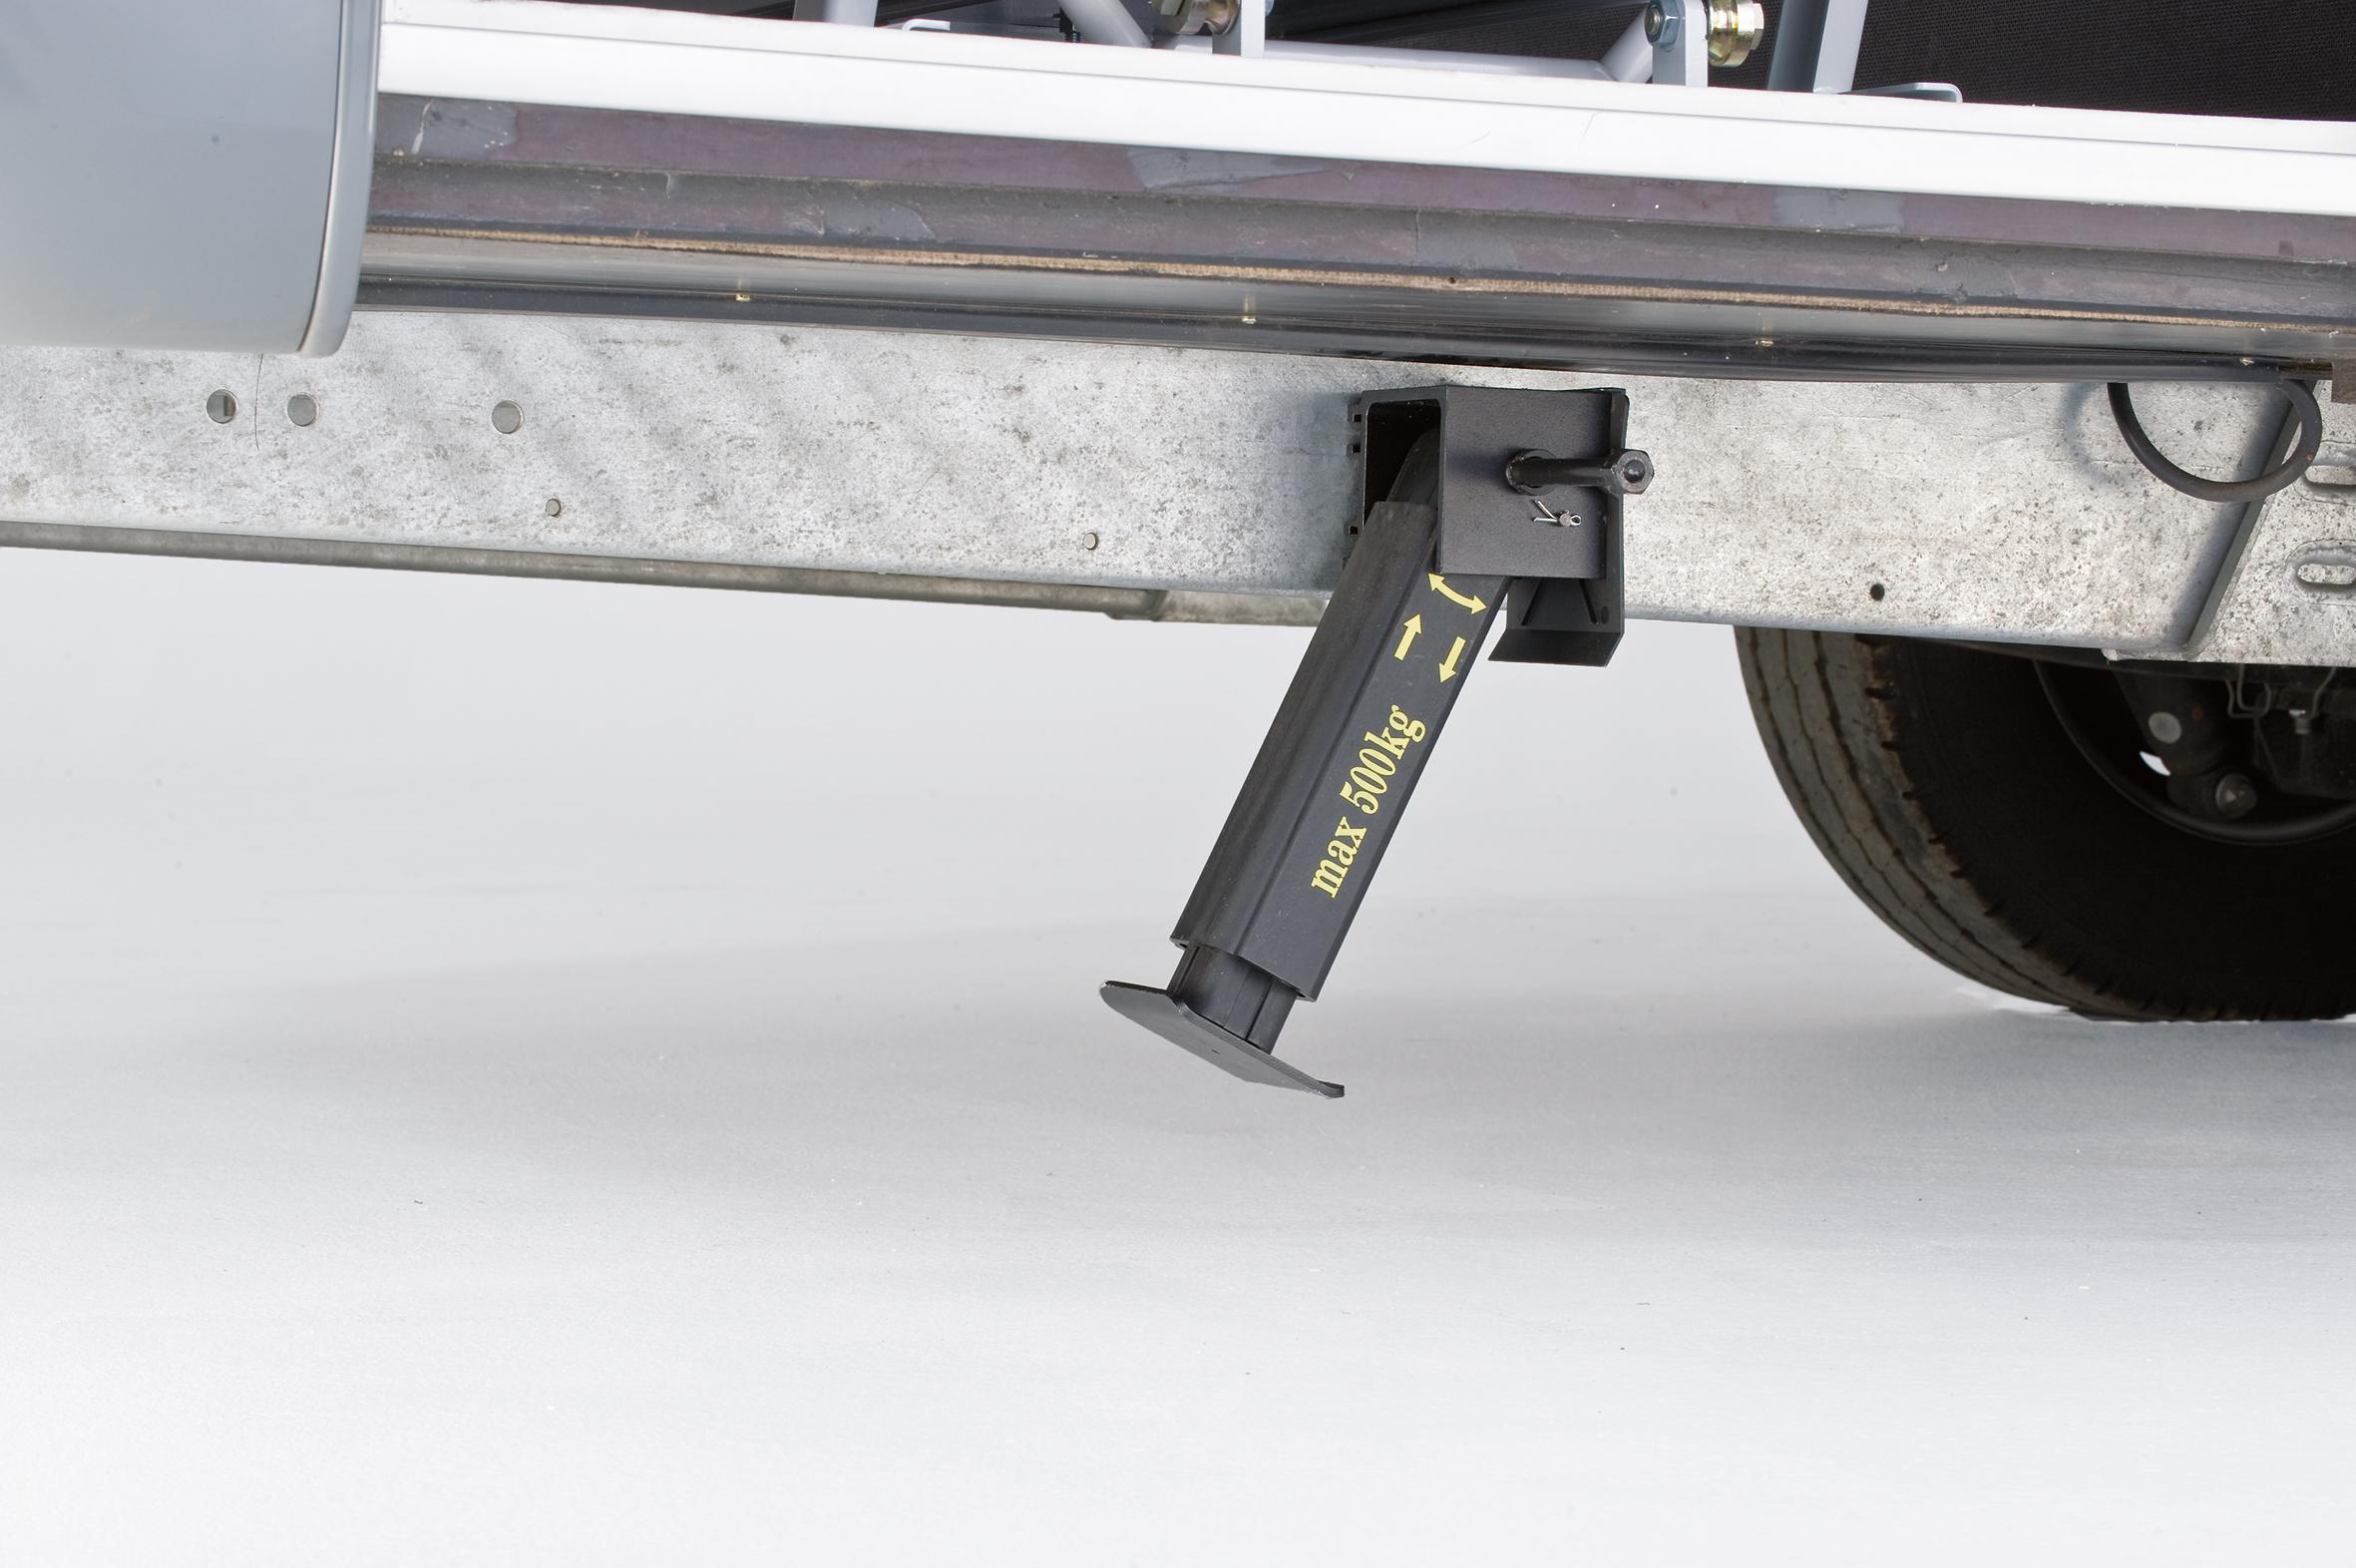 caravantechnik.de - SAWIKO Arex Light II Stützen für die Hinterachse